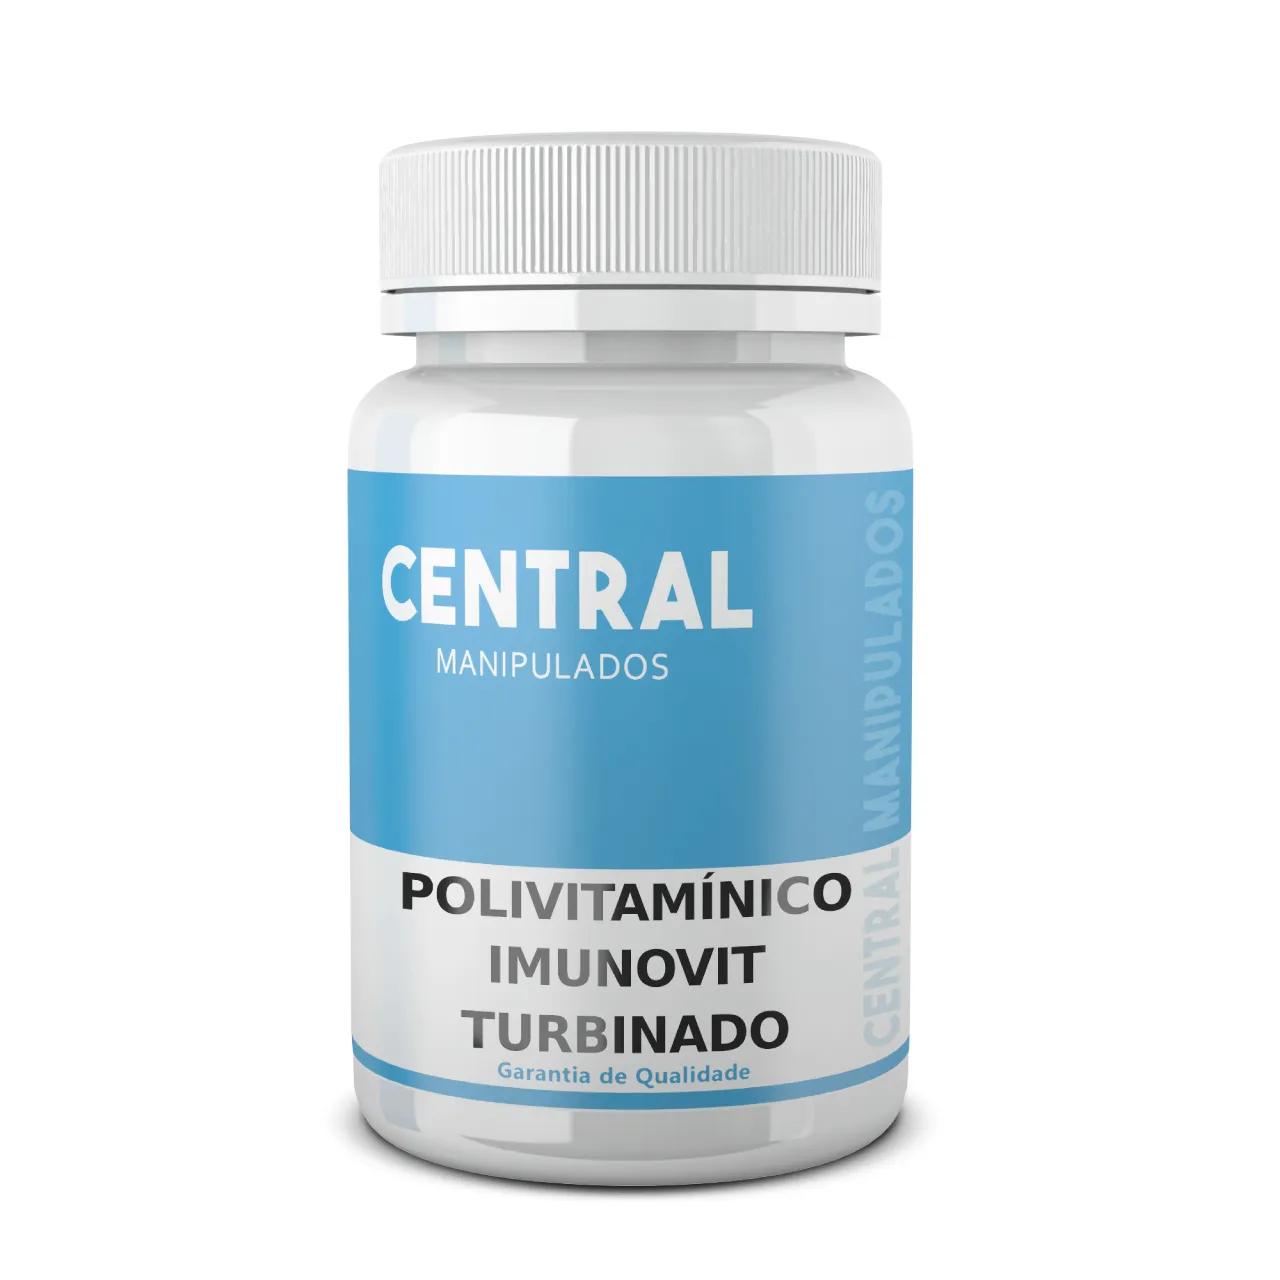 Polivitamínico ImunoVit TURBINADO - Rico em Própolis, D3, Zinco e Vitamina C - 90 cápsulas